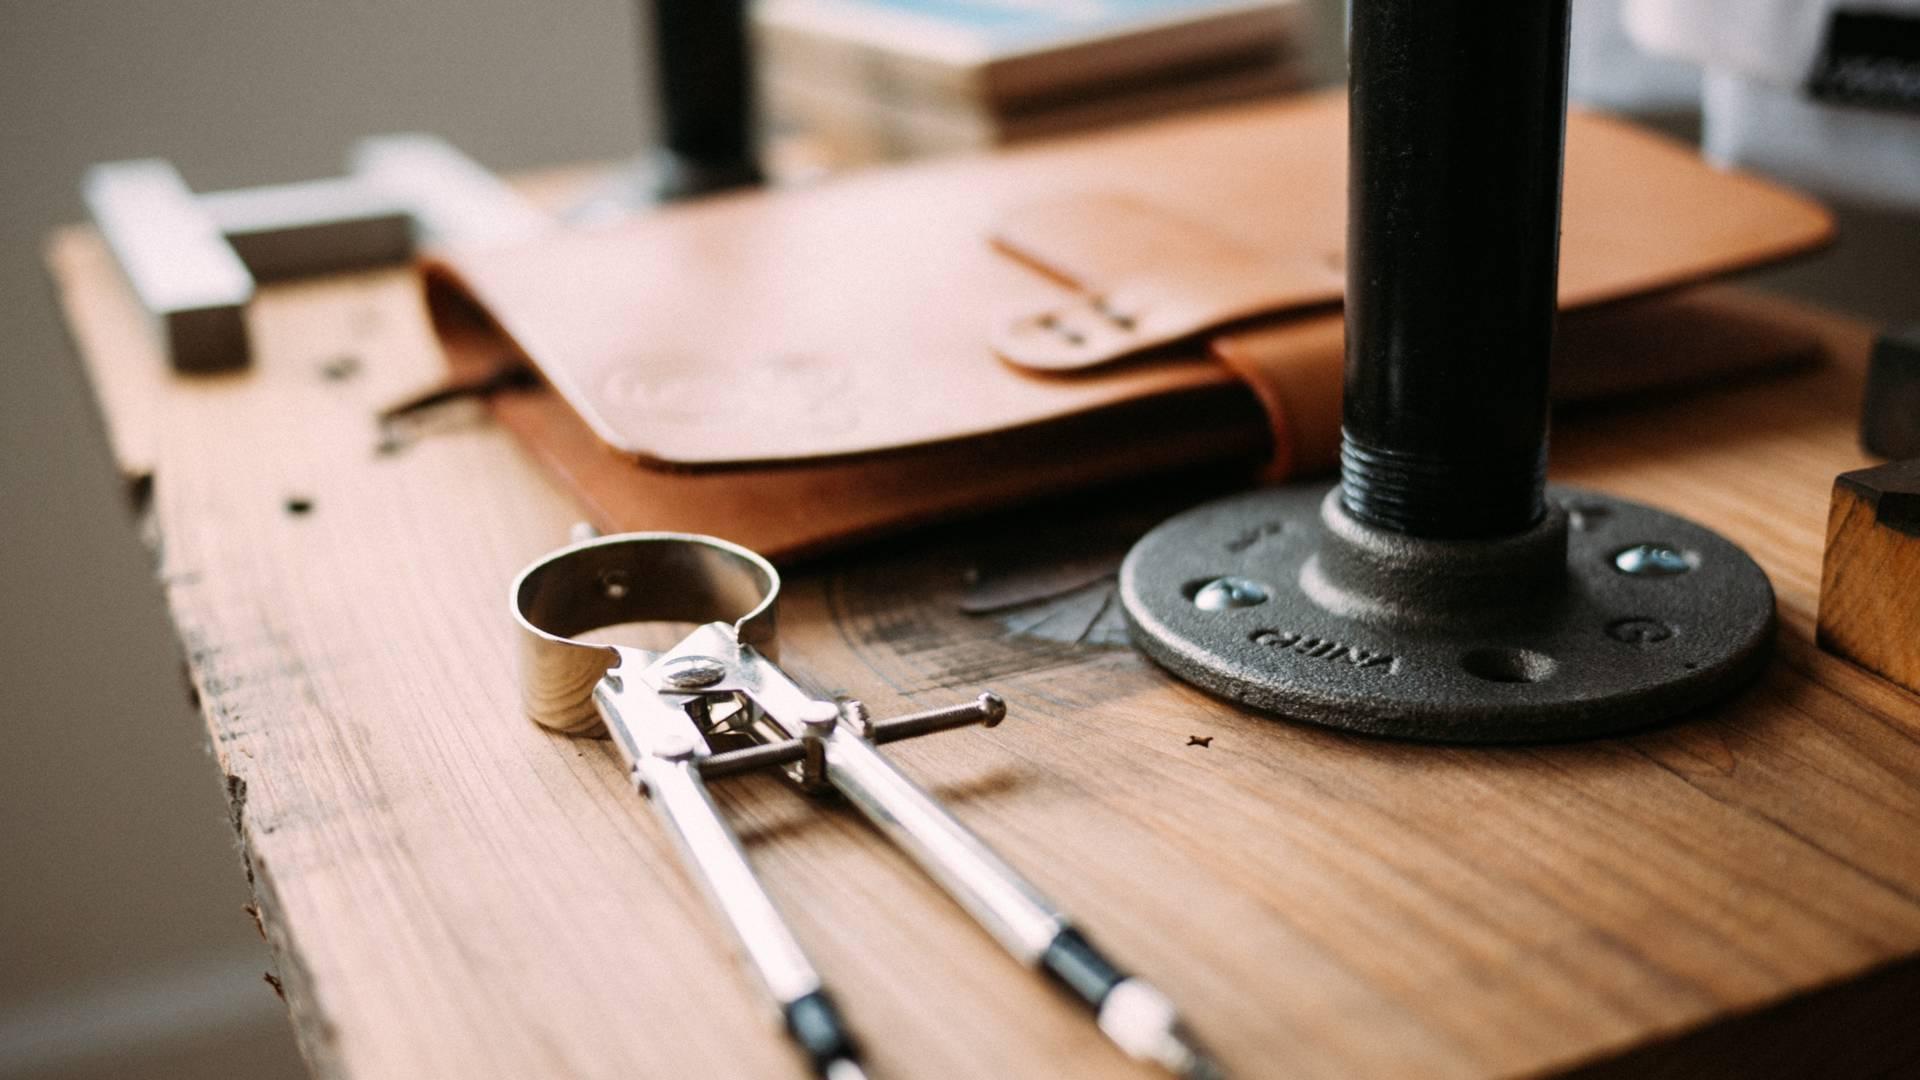 Schreibtisch mit Zirkel und Mappe - Quelle: Jeff Sheldon via unsplash.com